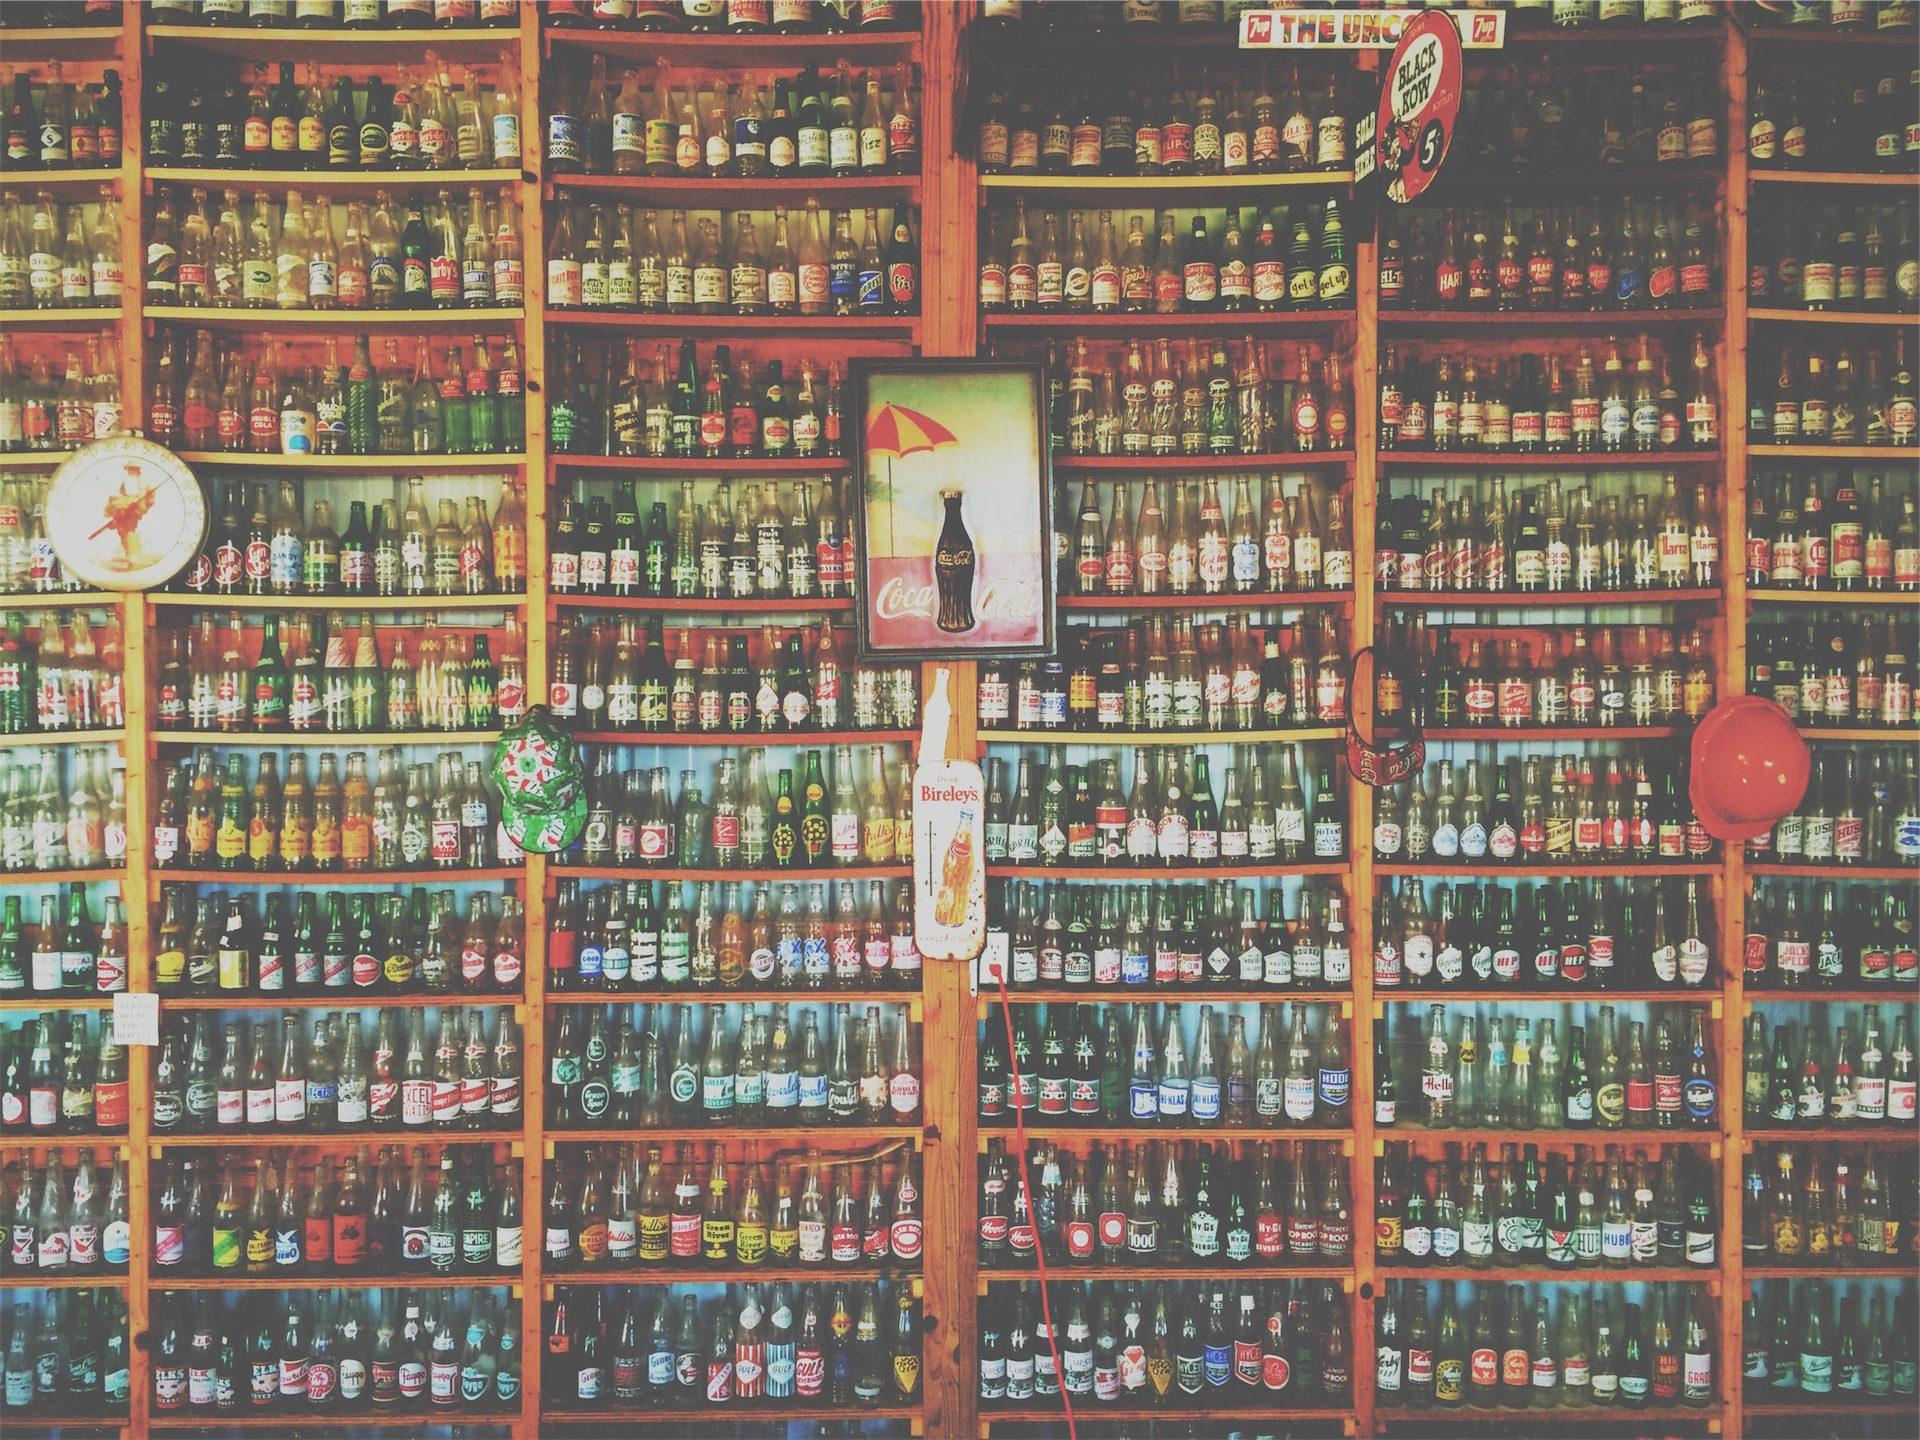 बोतलें, refrescos, बियर, ठंडे बस्ते में डालने, संग्रह - HD वॉलपेपर - प्रोफेसर-falken.com